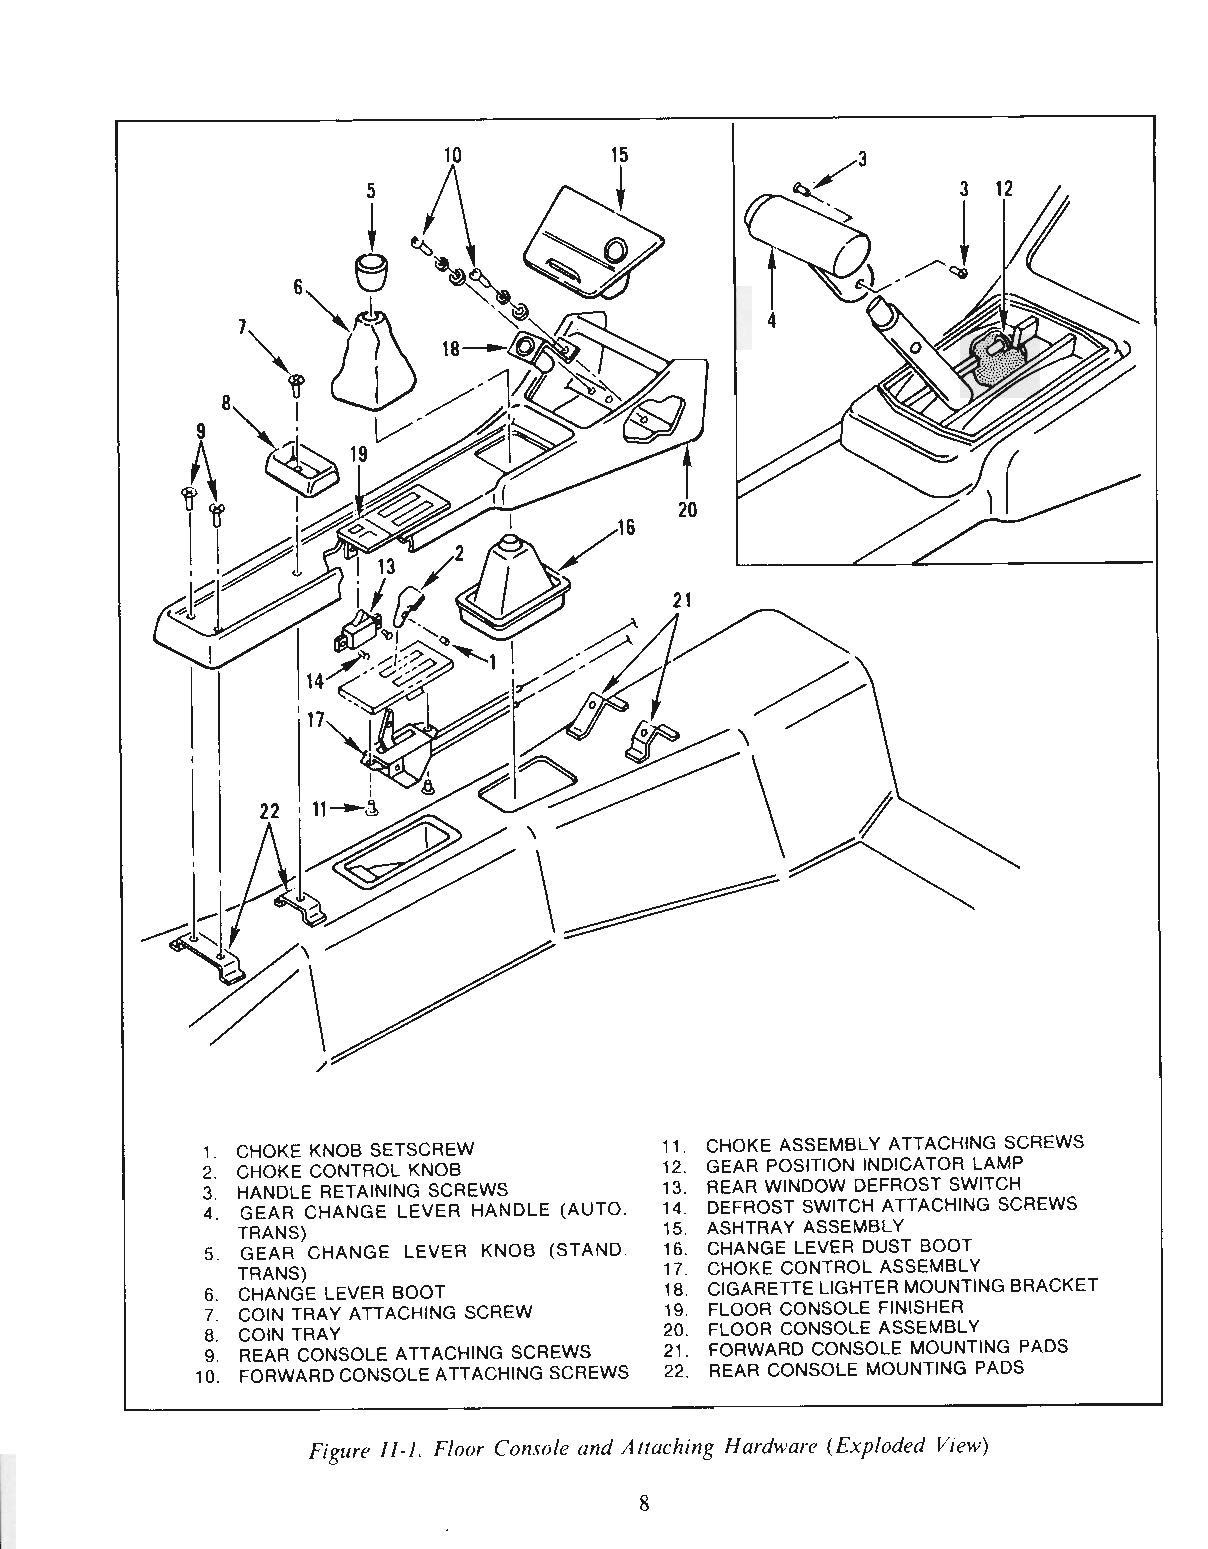 Datsun 240Z 1971 FSM Supplement - Dash, Gauges, Wiring, HVAC